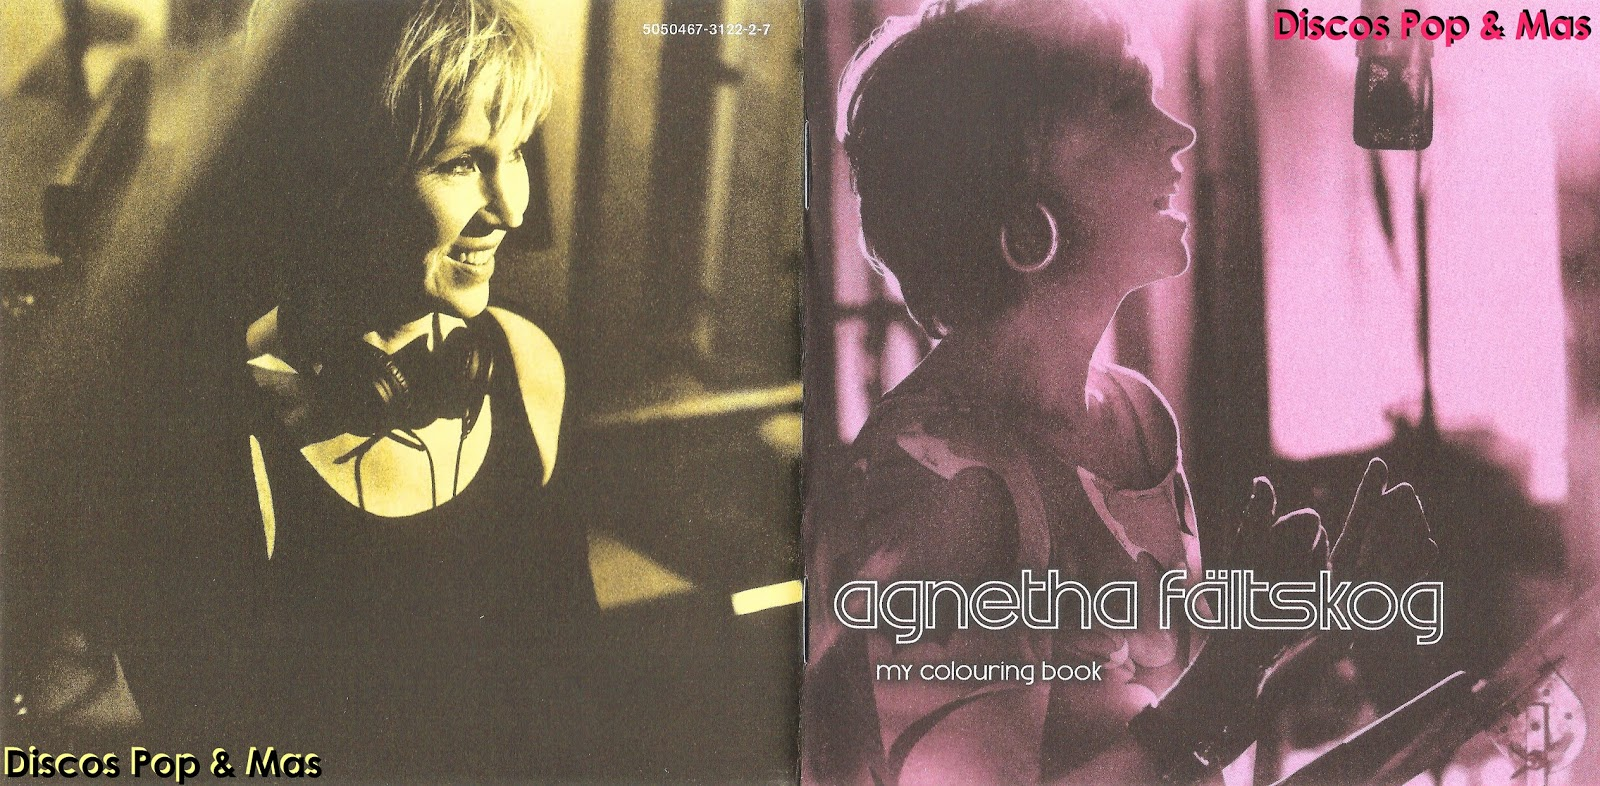 Discos Pop & Mas: Agnetha Faltskog - My Colouring Book